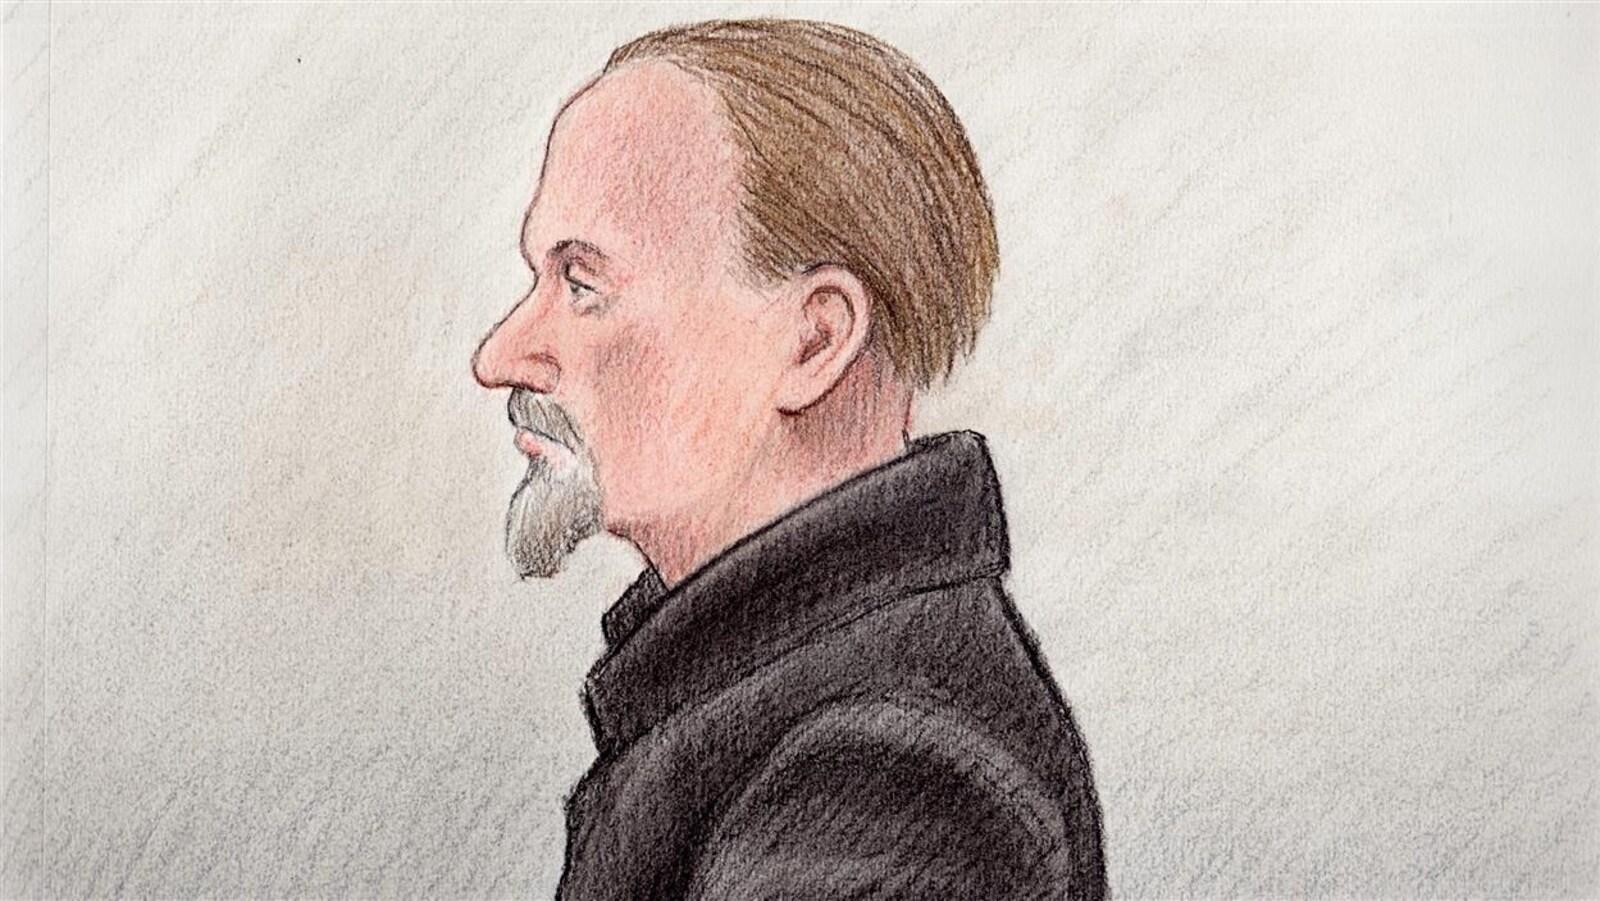 Blake Dooley qui a été accusé de meurtre au premier degré a de nombreux antécédents judiciaires, tant à Gatineau qu'à Ottawa. (Archives)